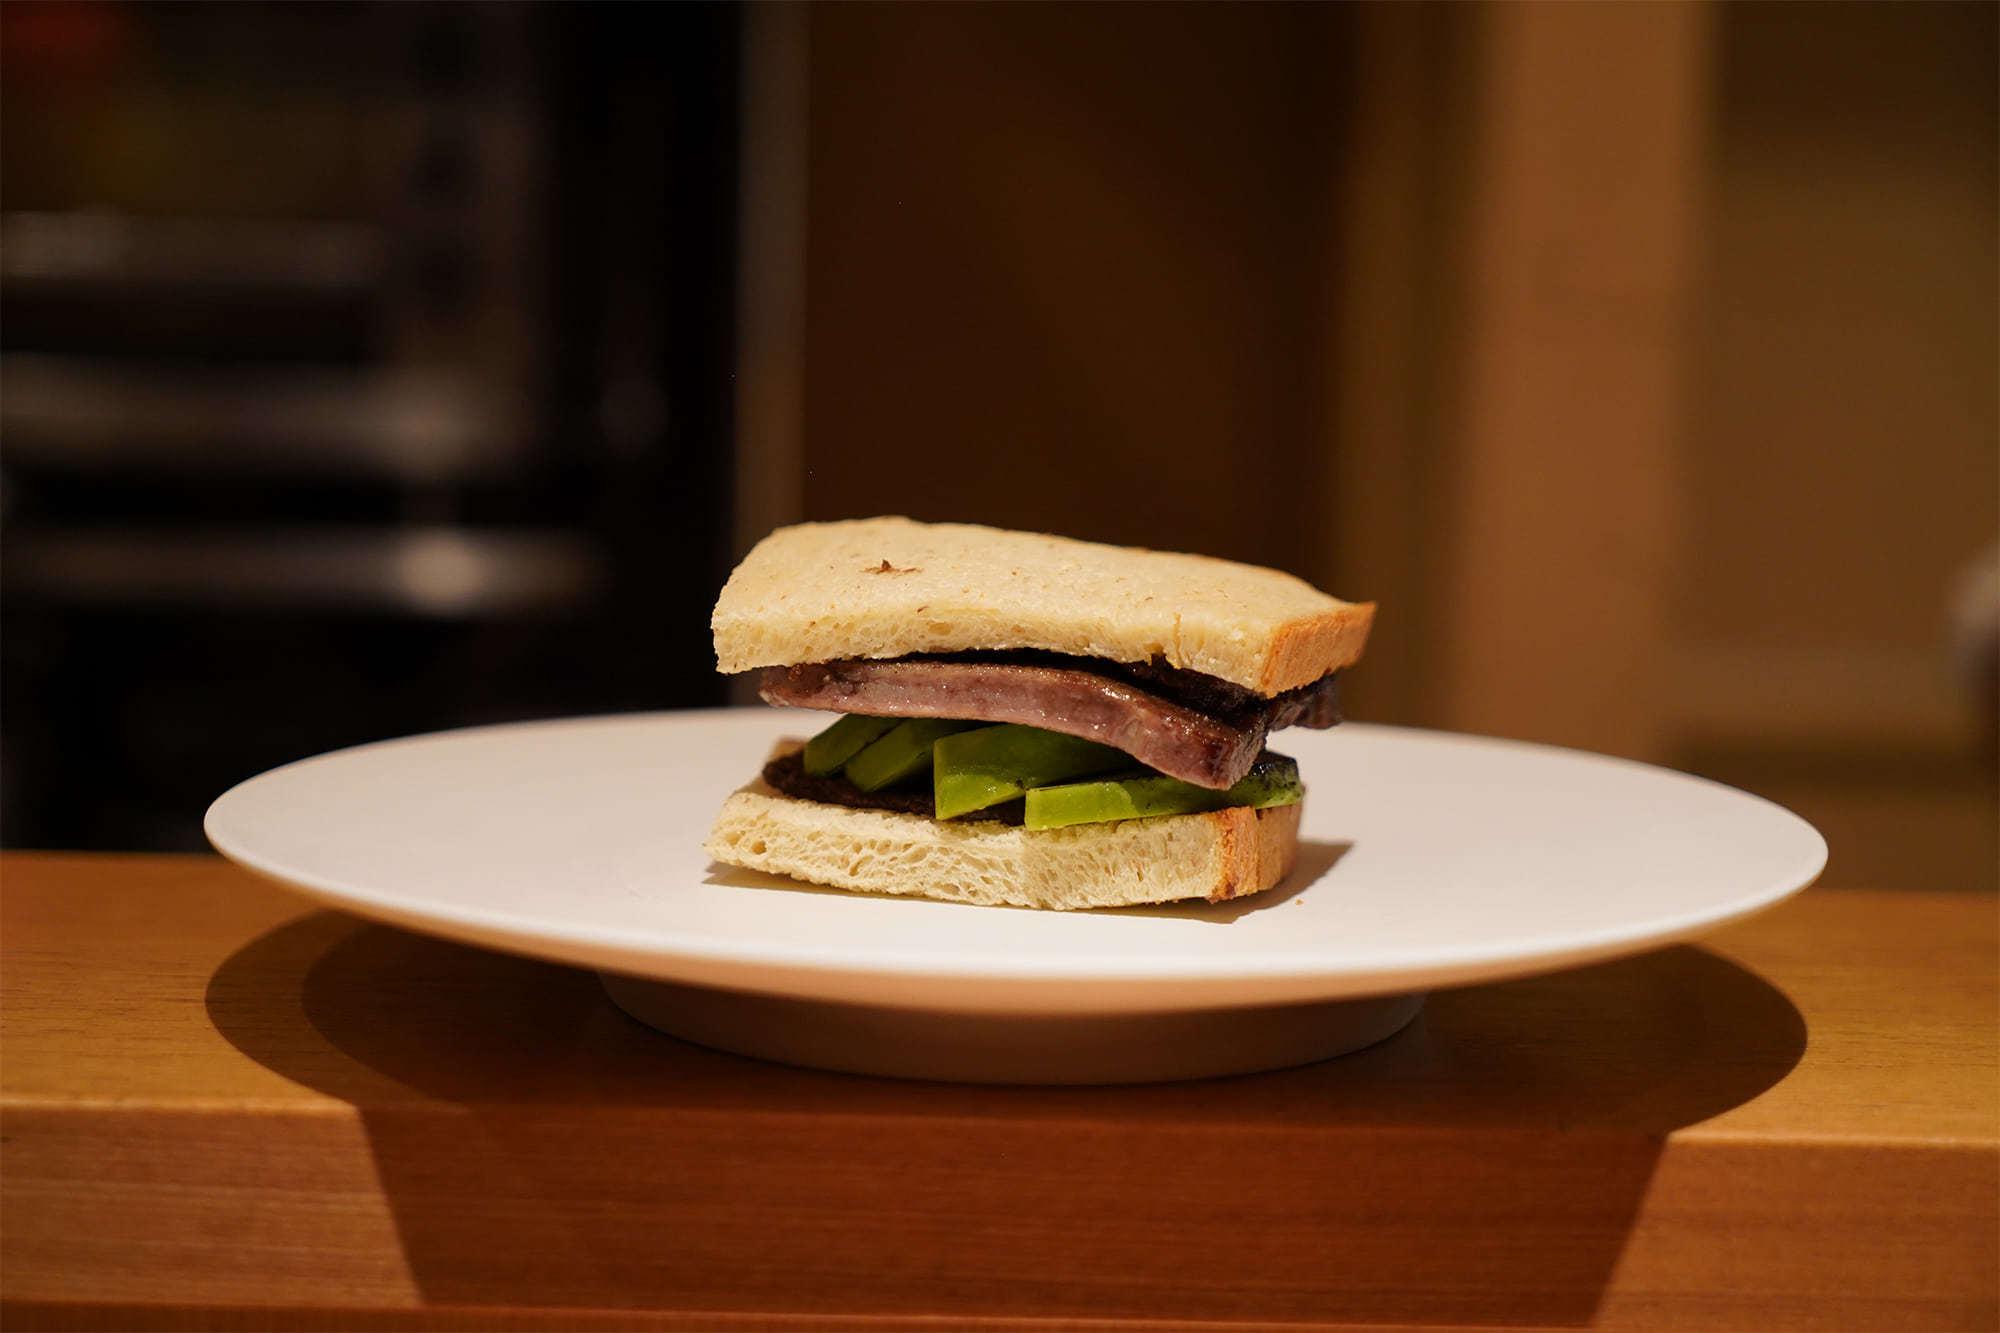 「アボカド 牛タン マカダミアナッツ」。レシピ提供者のカルドソに「徳吉のレシピがほしい」と言わしめた一品。薄切りトーストにスライスしたアボカドとマヨネーズを合わせただけのレシピから、分厚くカットしたジューシーな牛タンの歯ごたえとアボカドのクリーミーなテクスチャを対比するガストロノミーな一品へと変化させた。